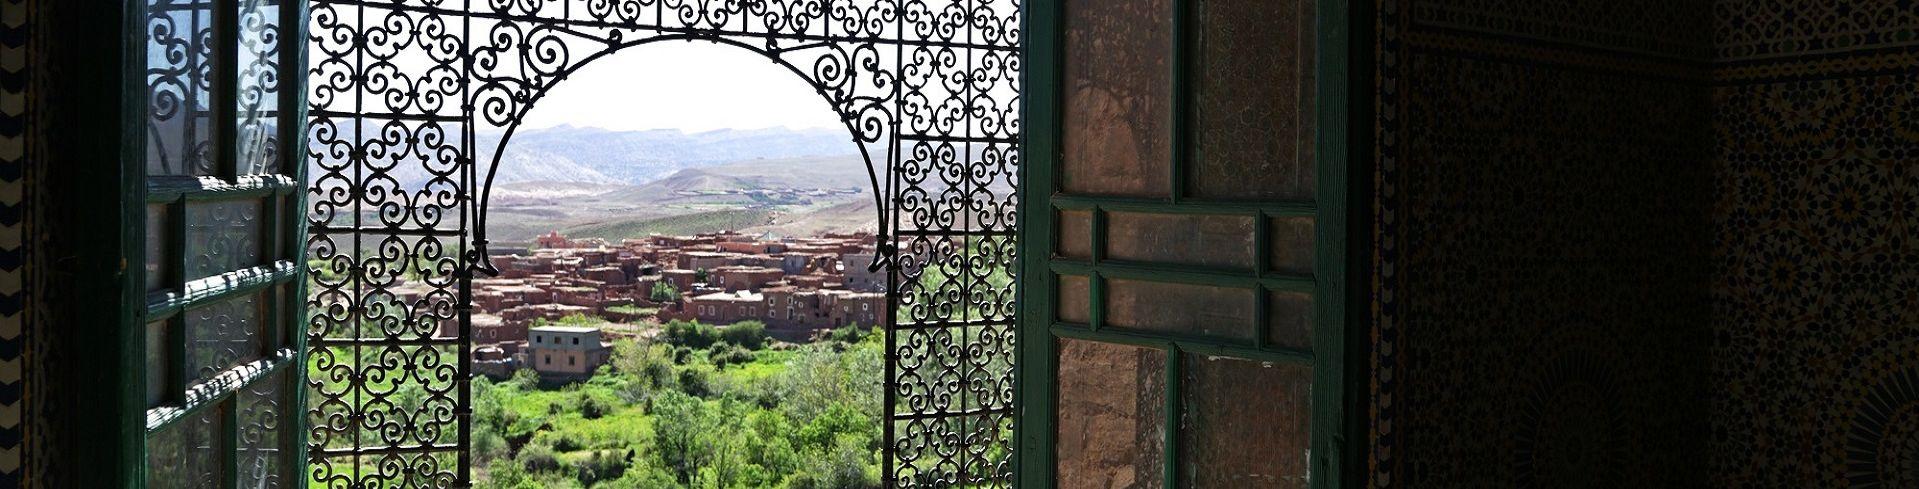 טיול למרוקו - מסע למרוקו האחרת